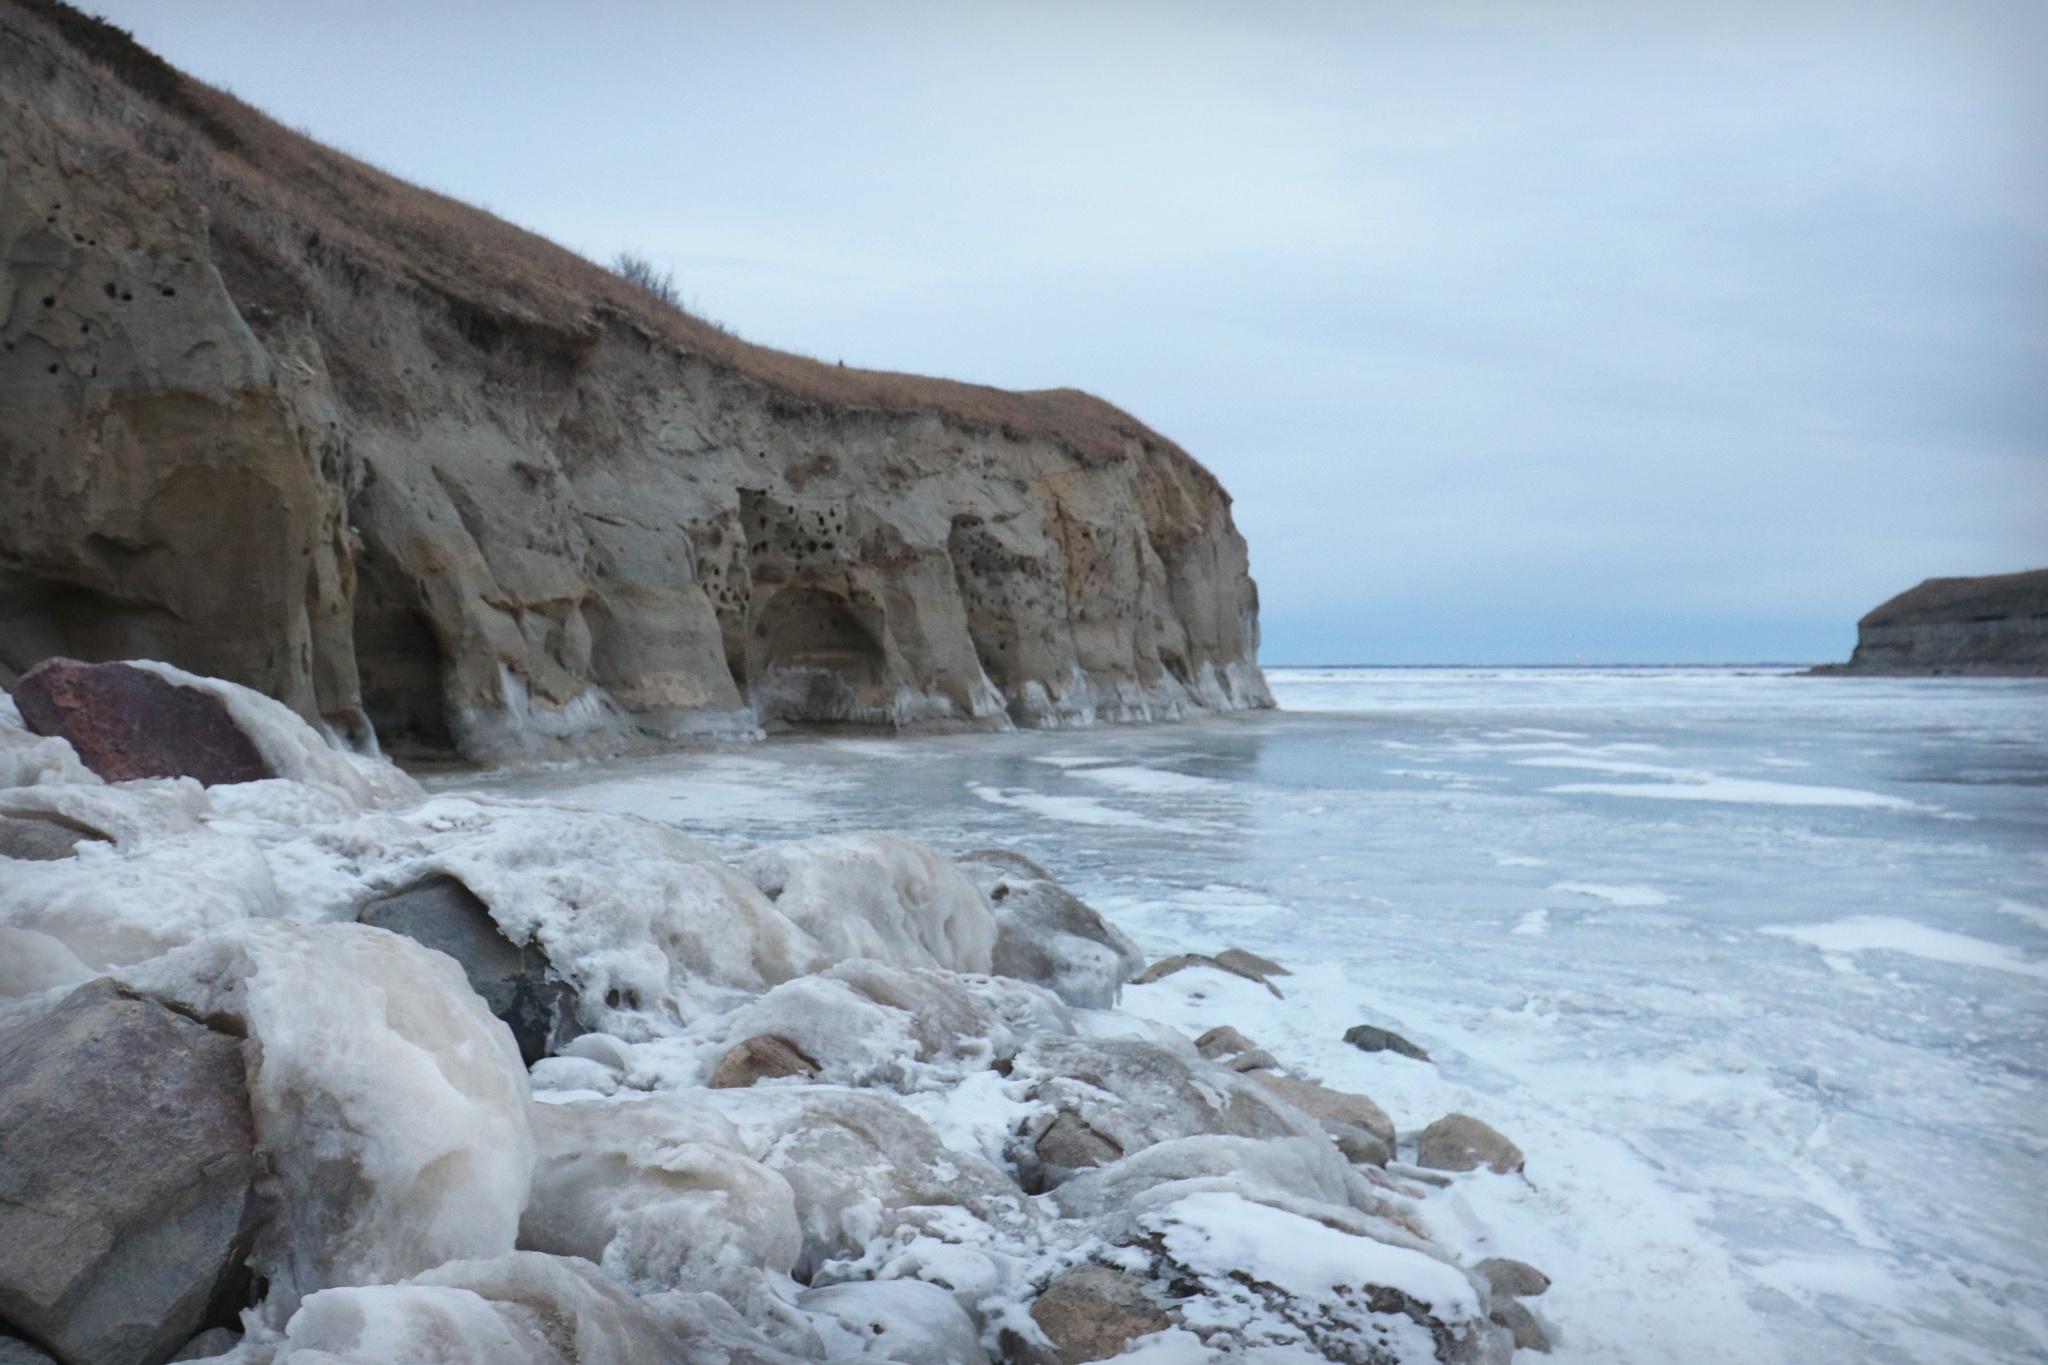 Frozen Erosion by Theresa Mallory